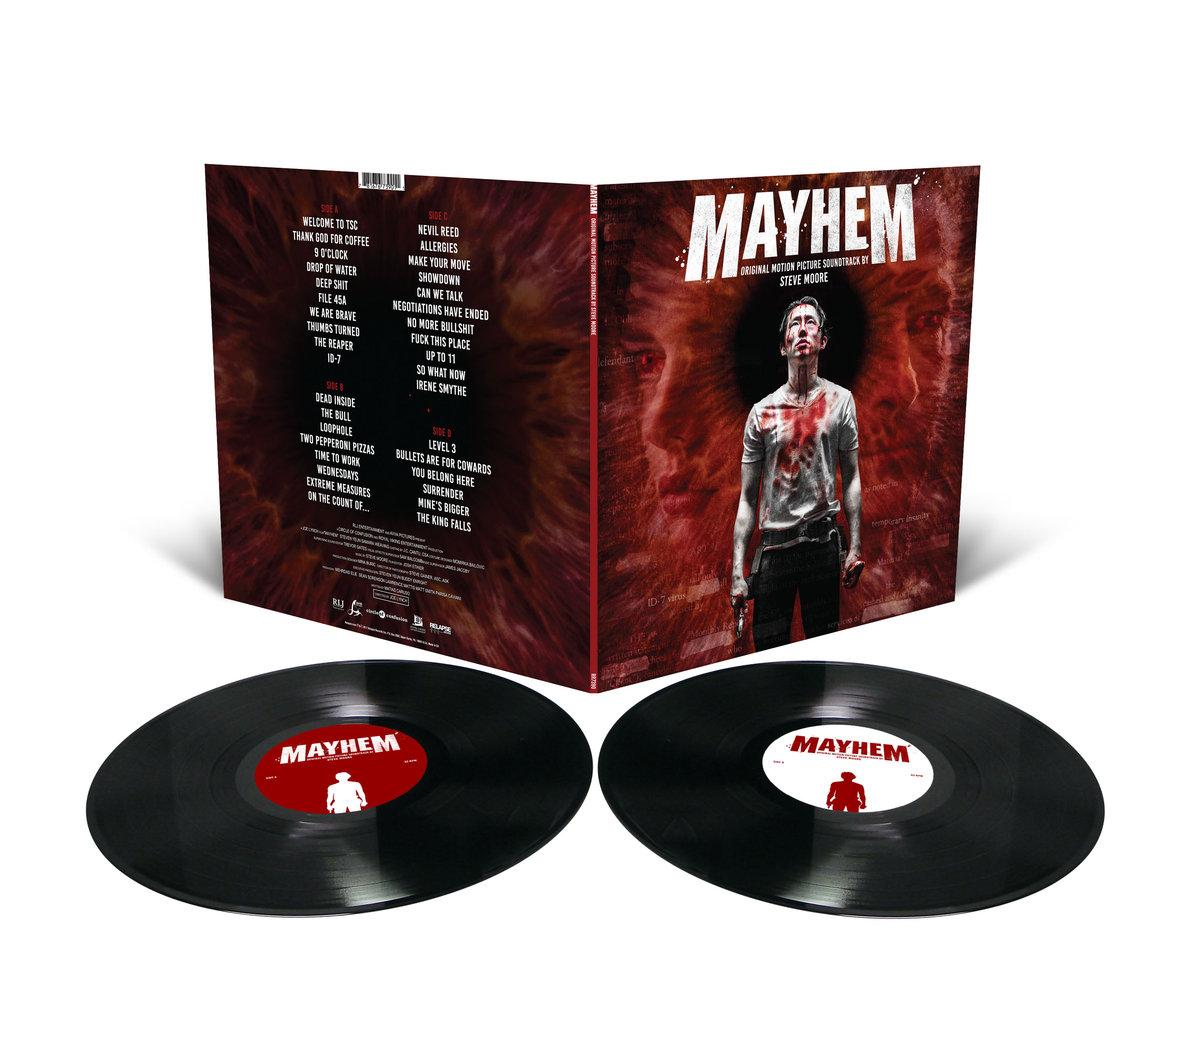 Mayhem soundtrack